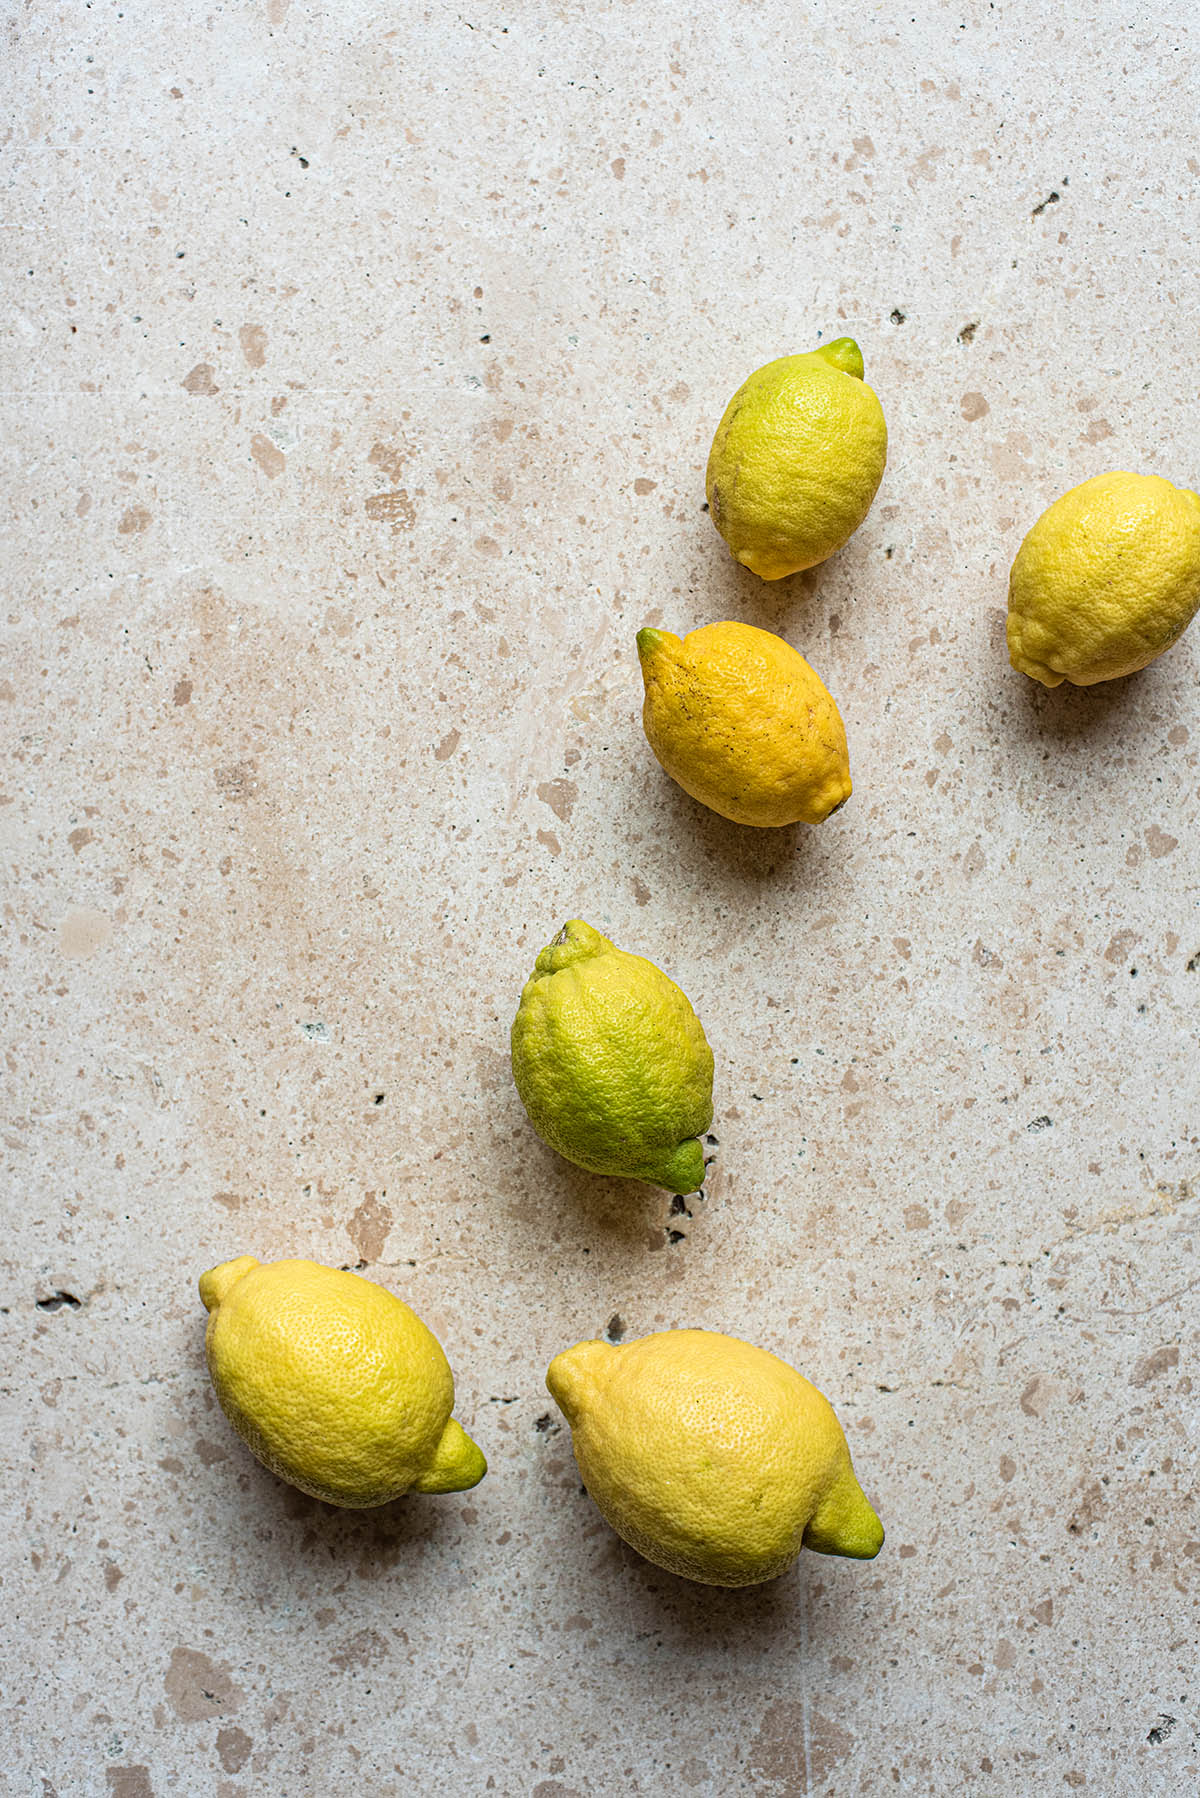 Six lemons, greenish yellow, on a stone surface.